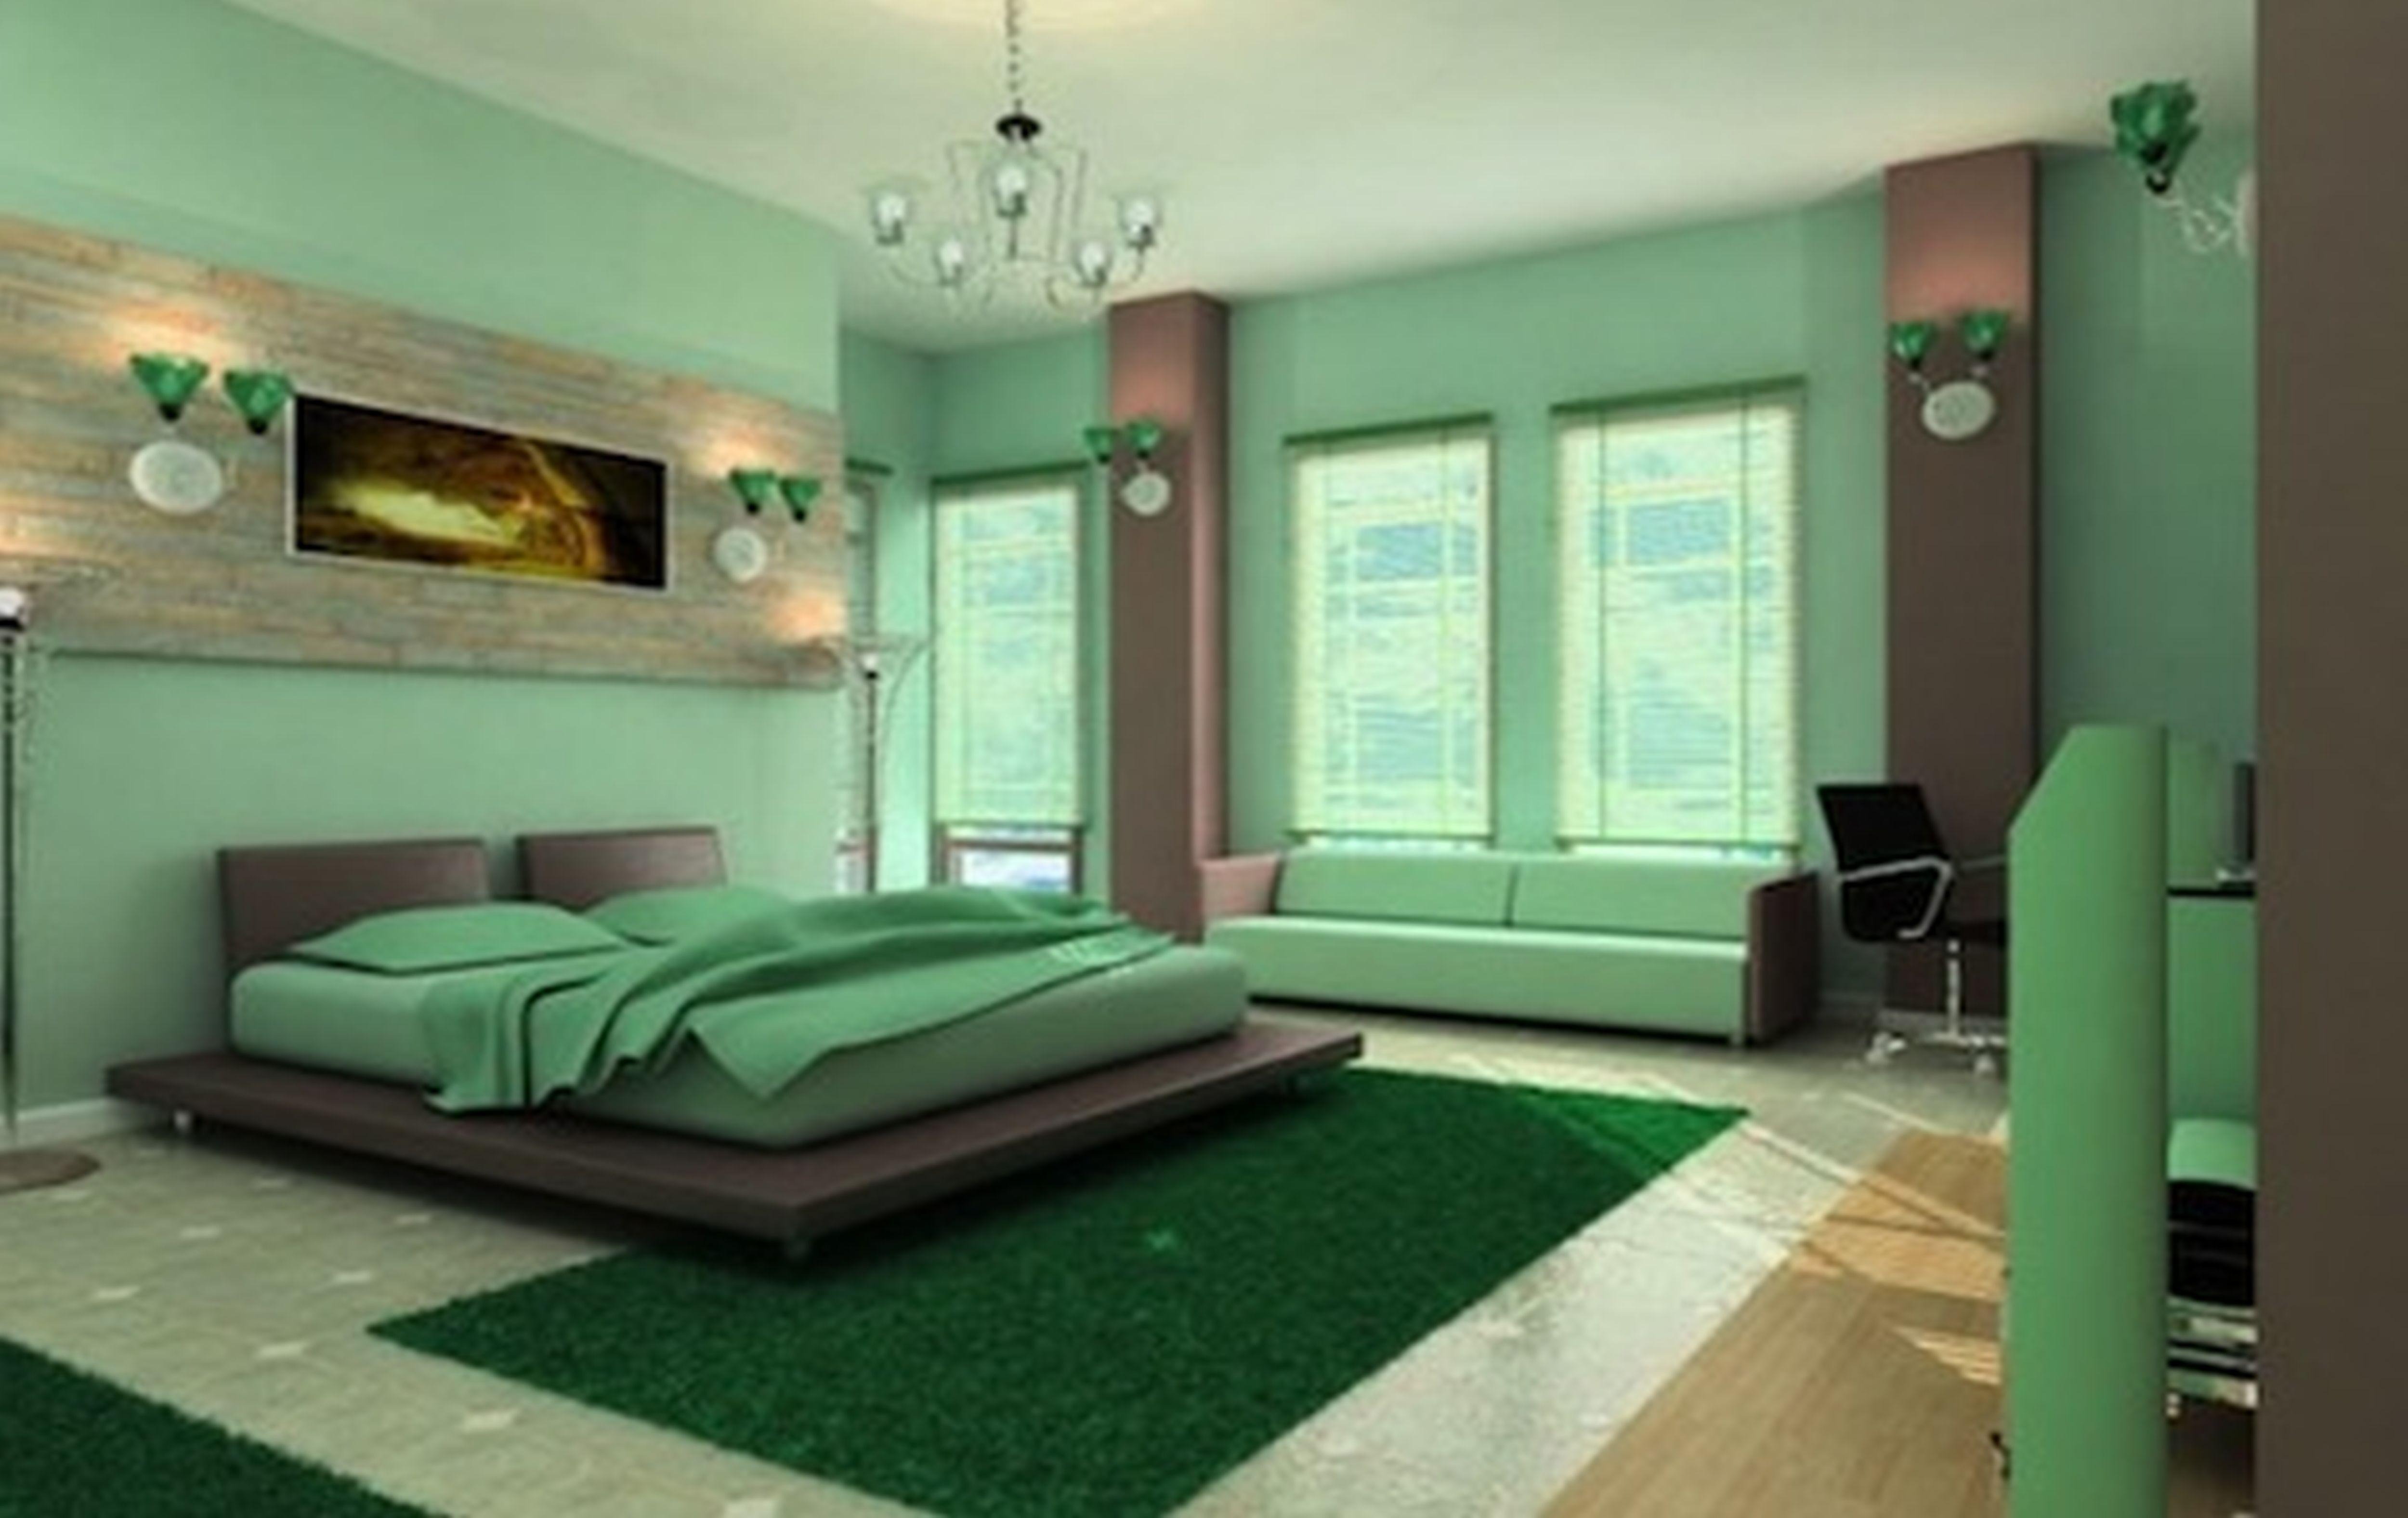 Mint Green And Brown Bedroom Ideas Green Bedroom Walls Amazing Bedroom Designs Master Bedroom Colors